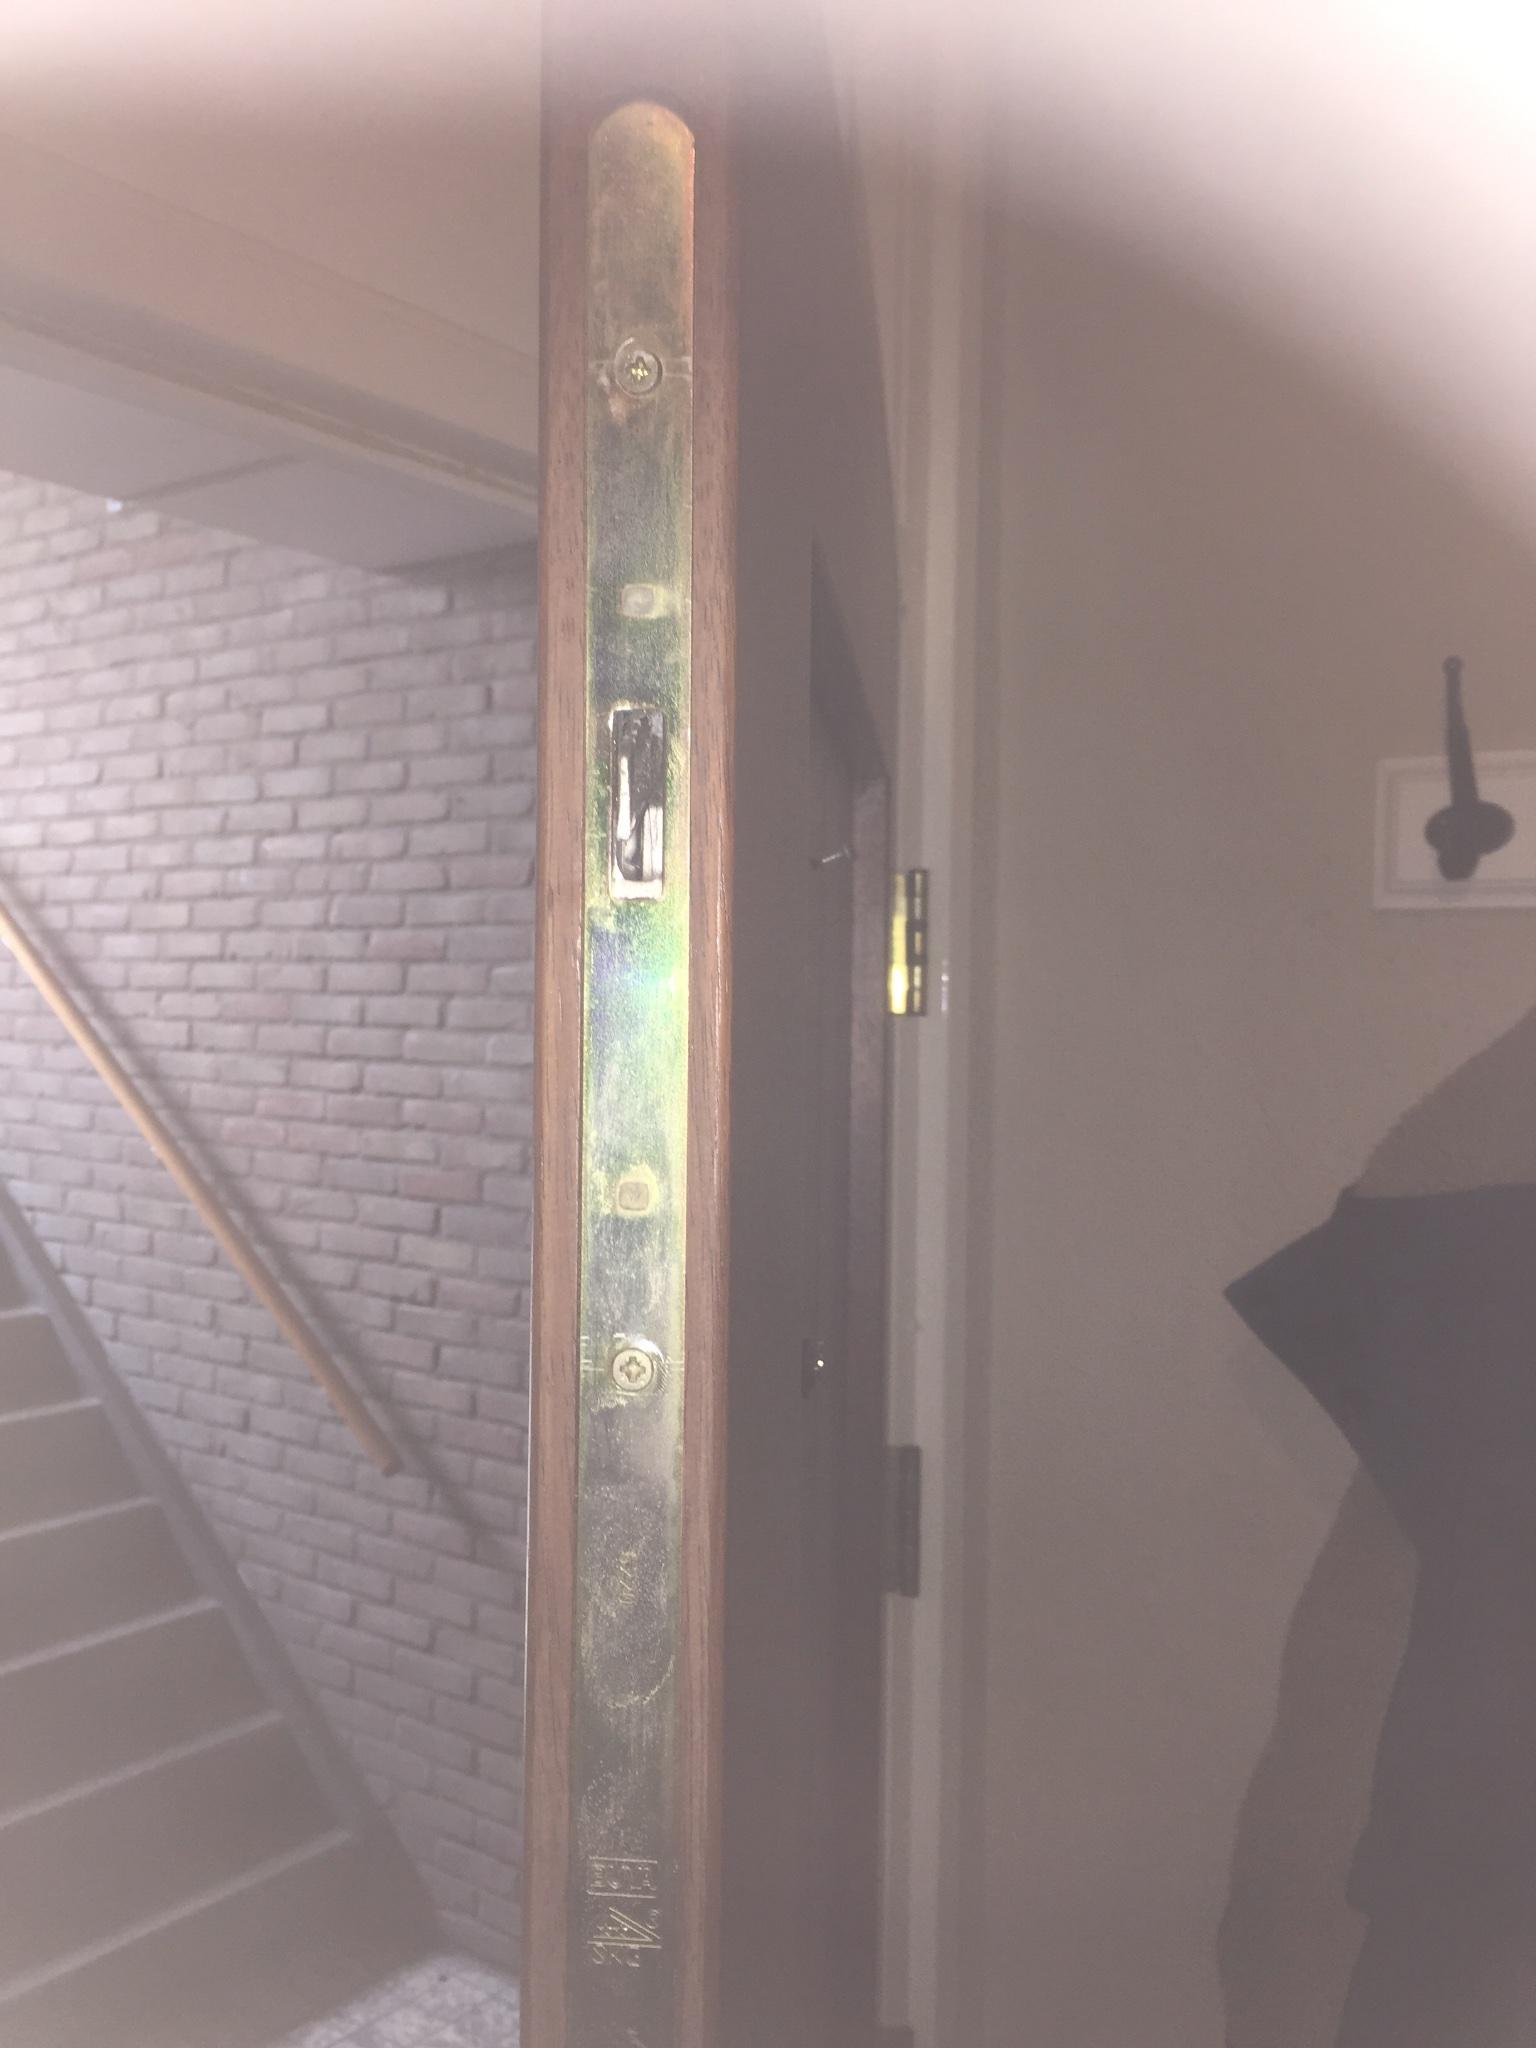 Best heb with deur klemt onderkant for Inmeetmal voor deuren